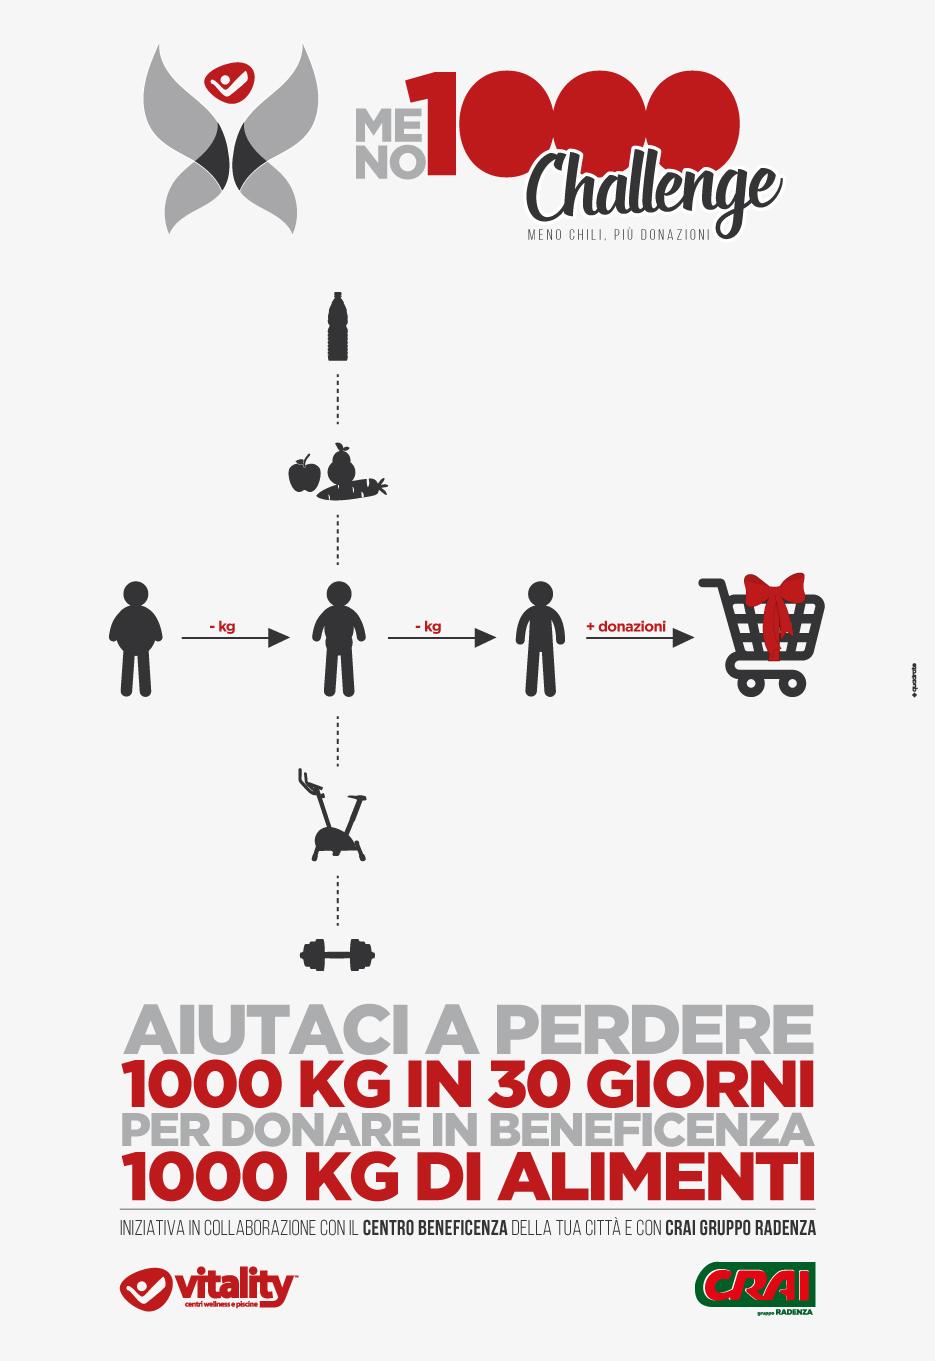 Meno chili più donazioni, nei centri sportivi Vitality i chili persi diventano cibo per i bisognosi